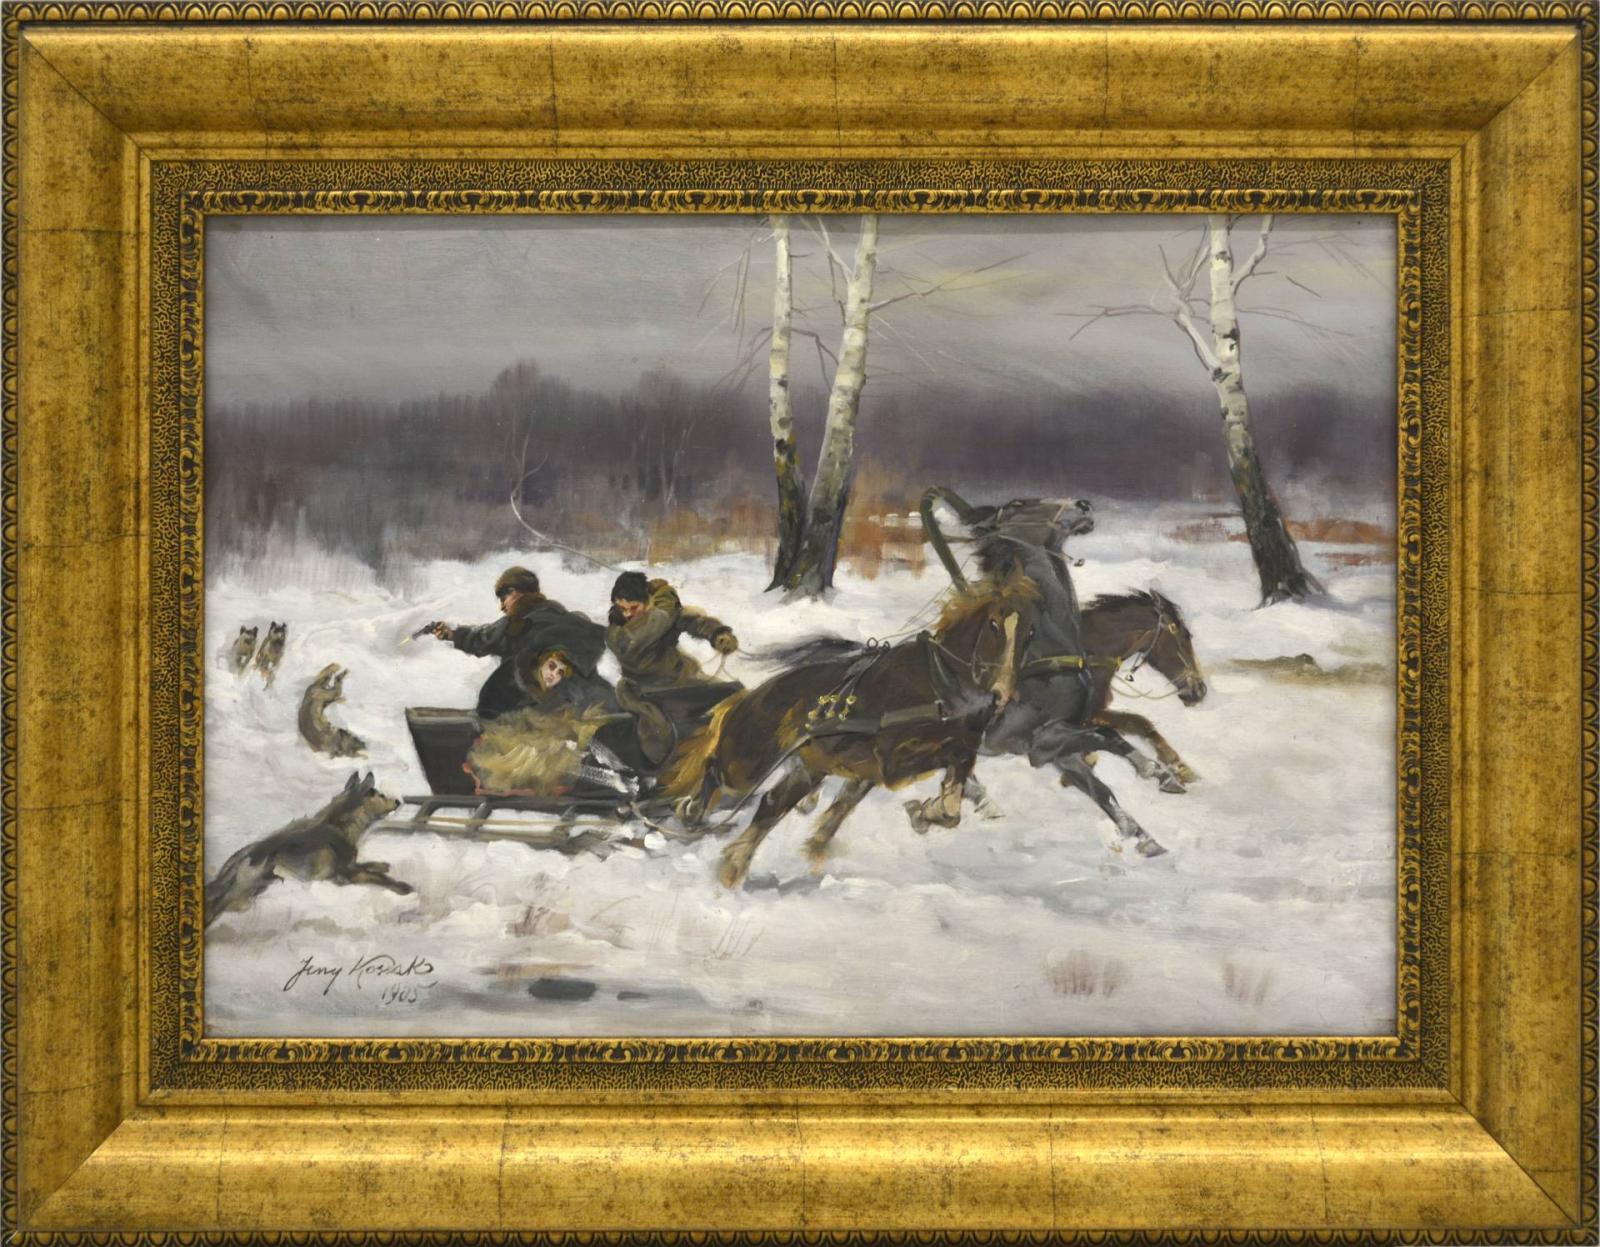 Napad wilków, 1905